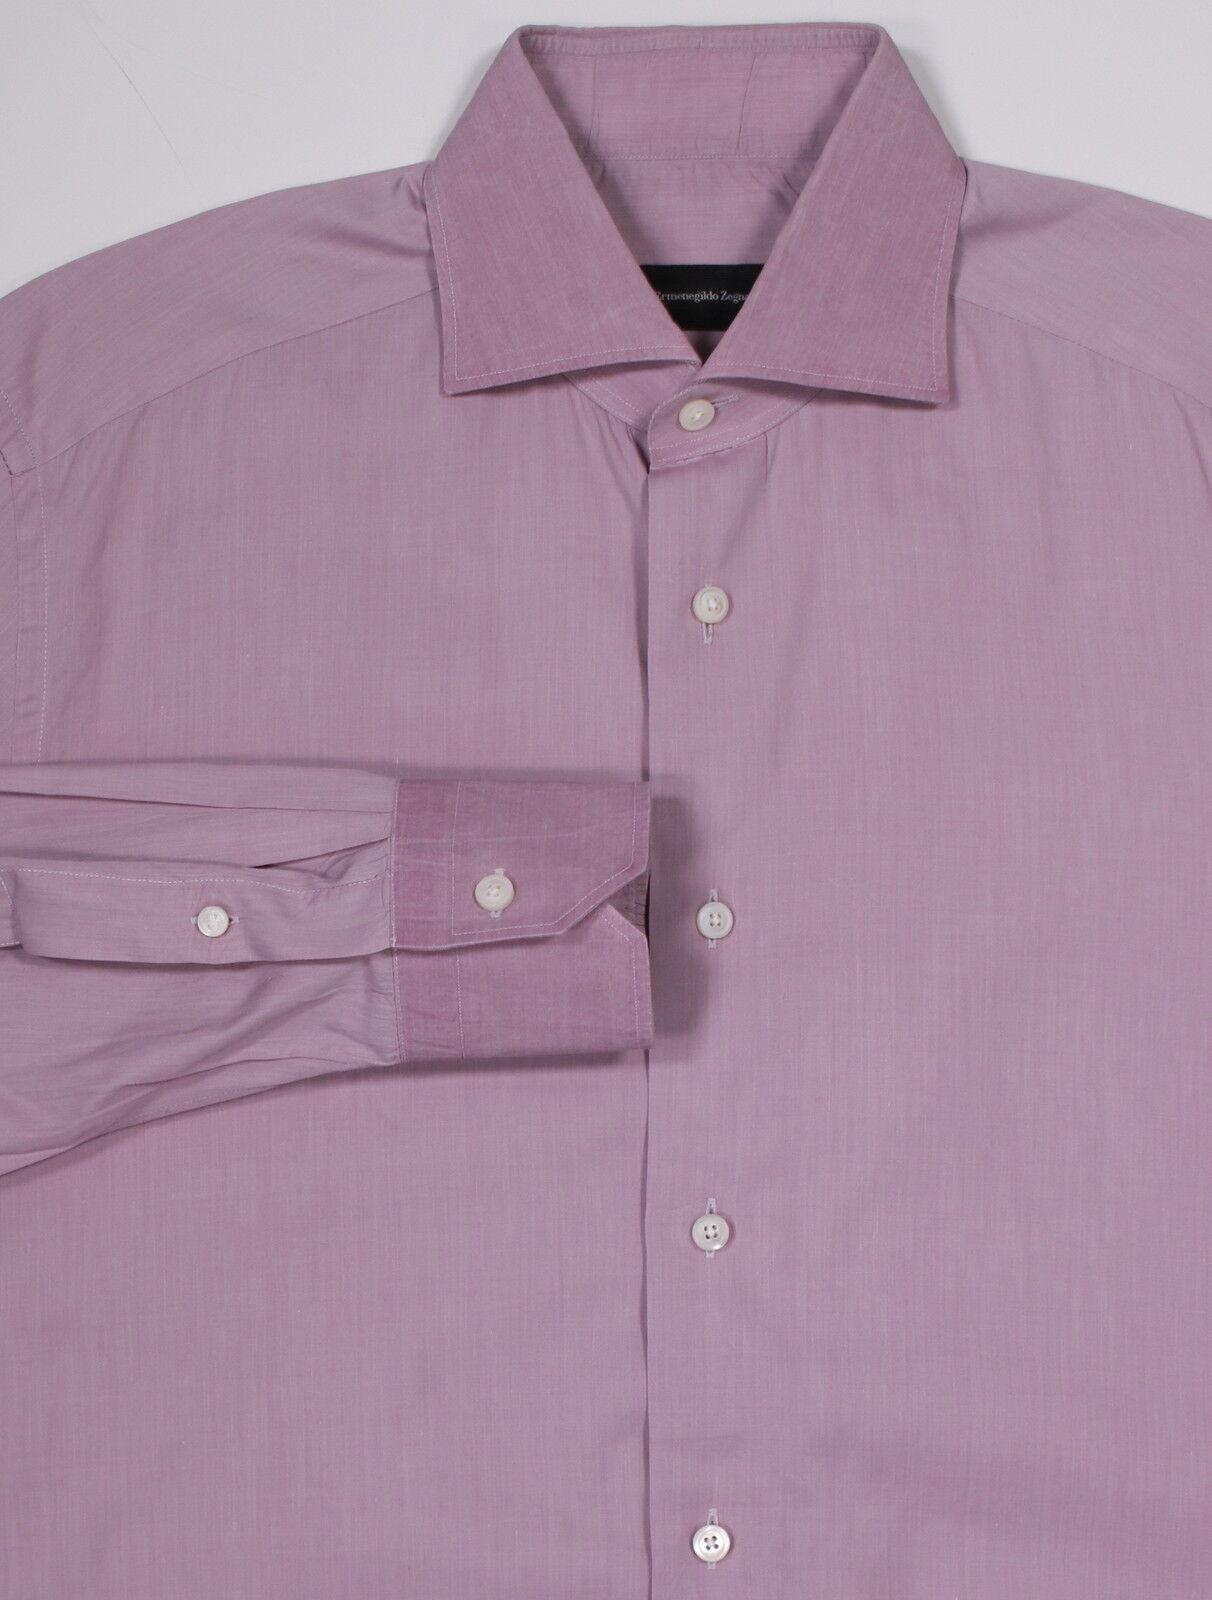 ERMENEGILDO ZEGNA Very Recent Light Purple Tailored Fit Dress Shirt (41) 16